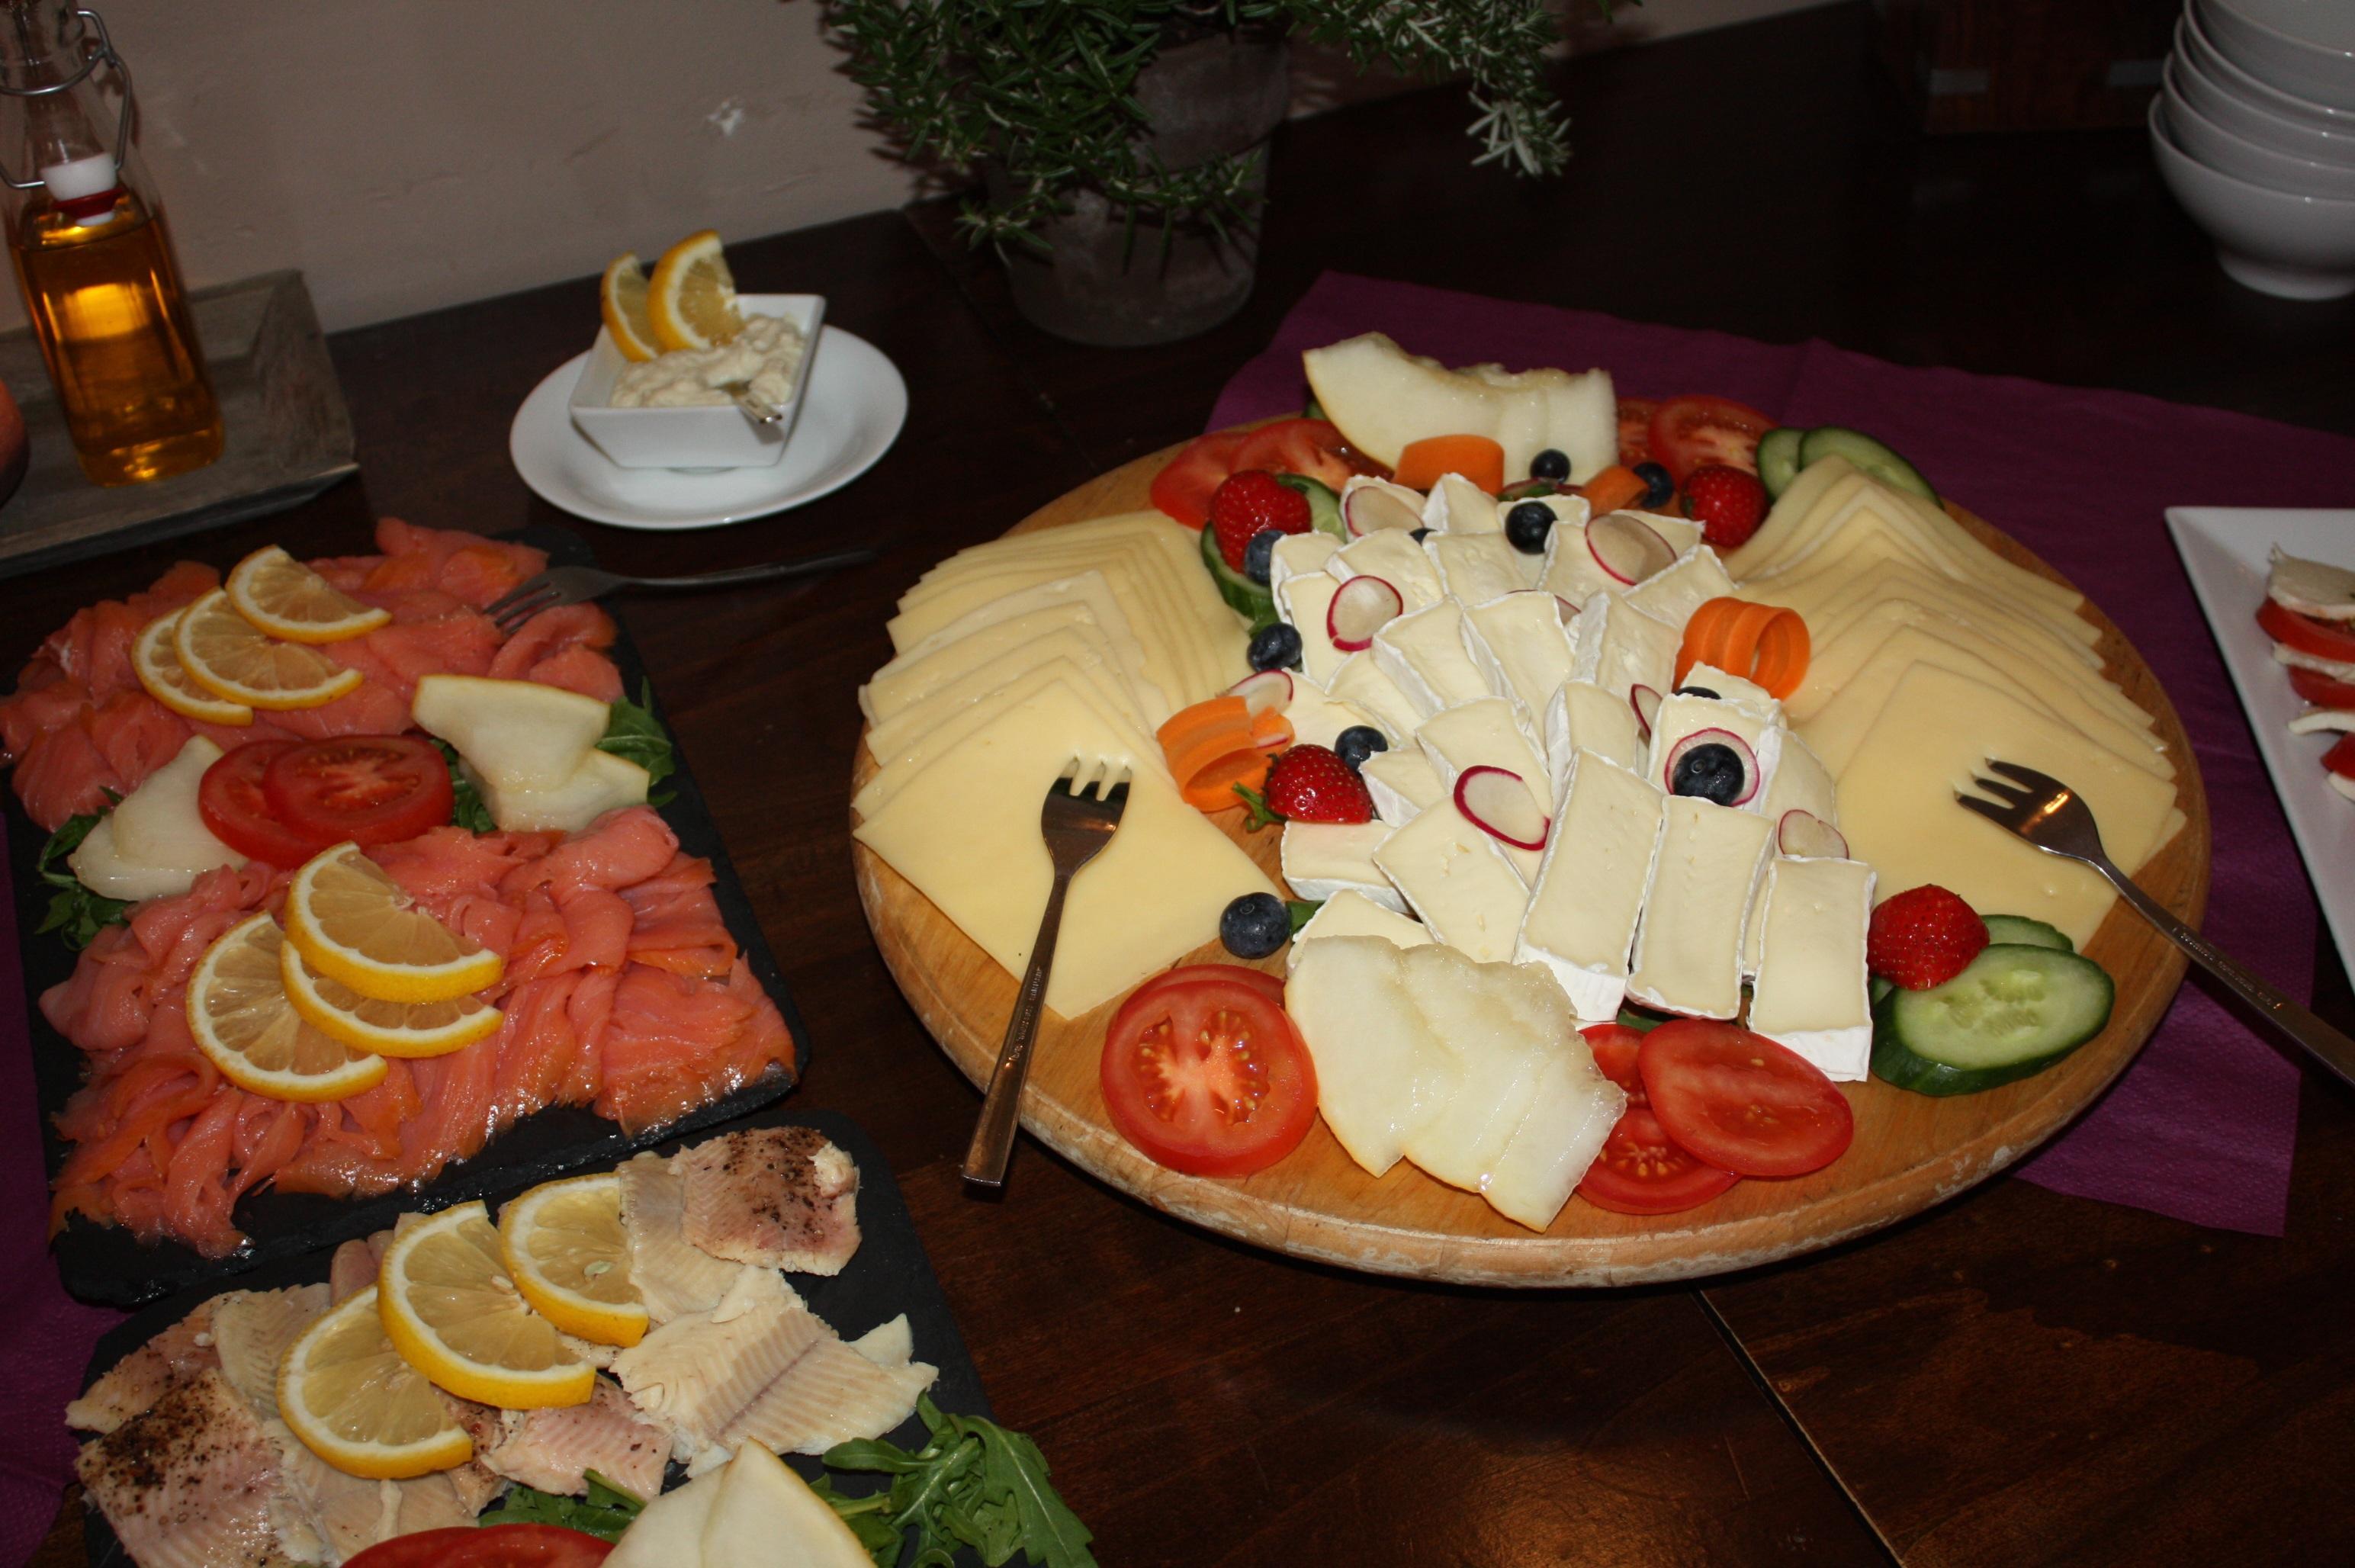 Super Images Gratuites : restaurant, plat, repas, aliments, cuisine  VD27